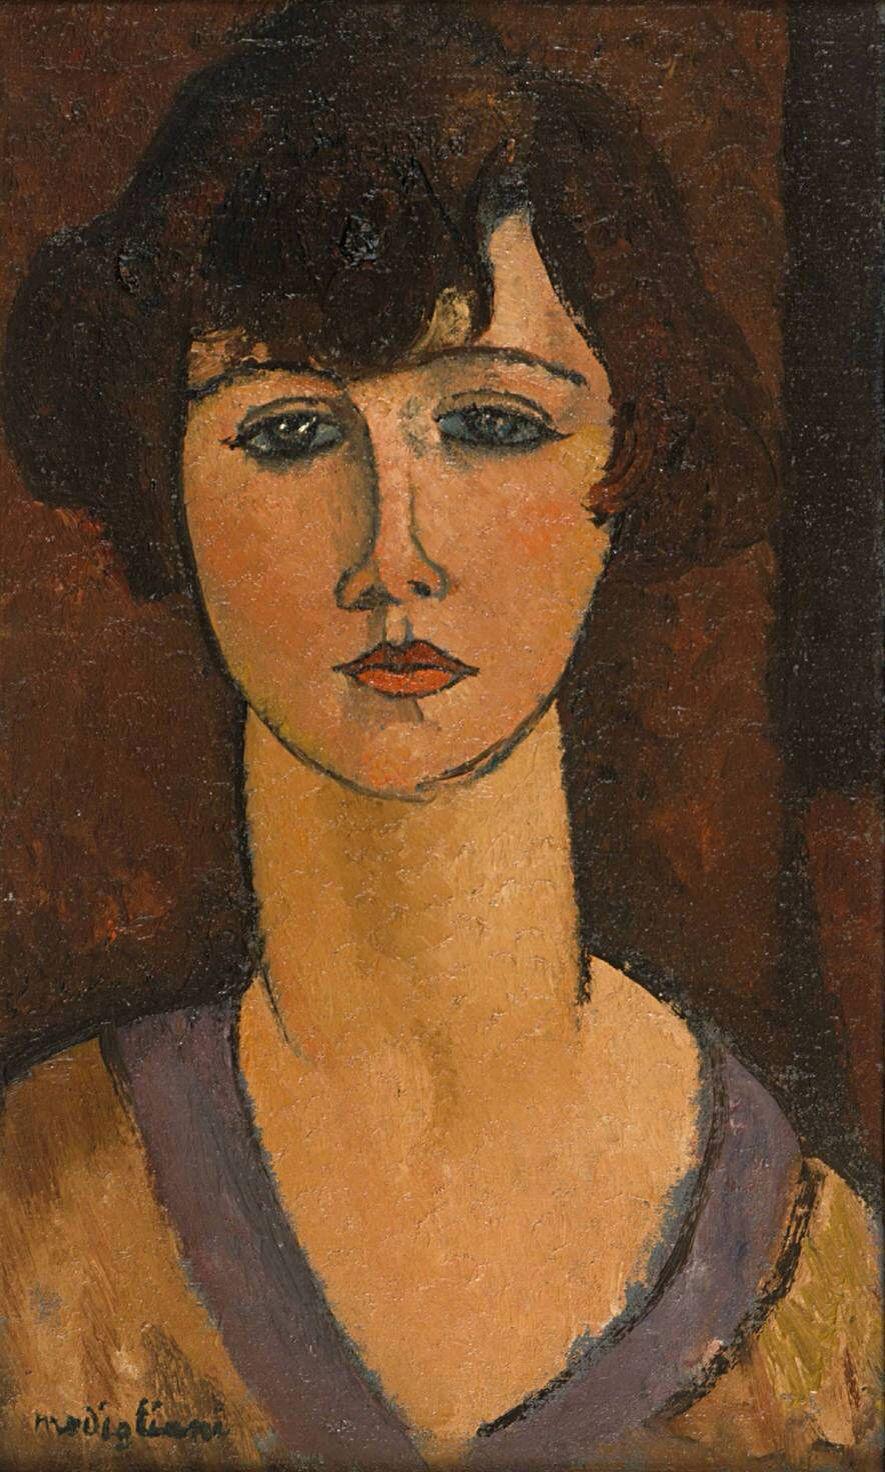 166 mejores imágenes de Modigliani | Modigliani, Amedeo modigliani, Artistas